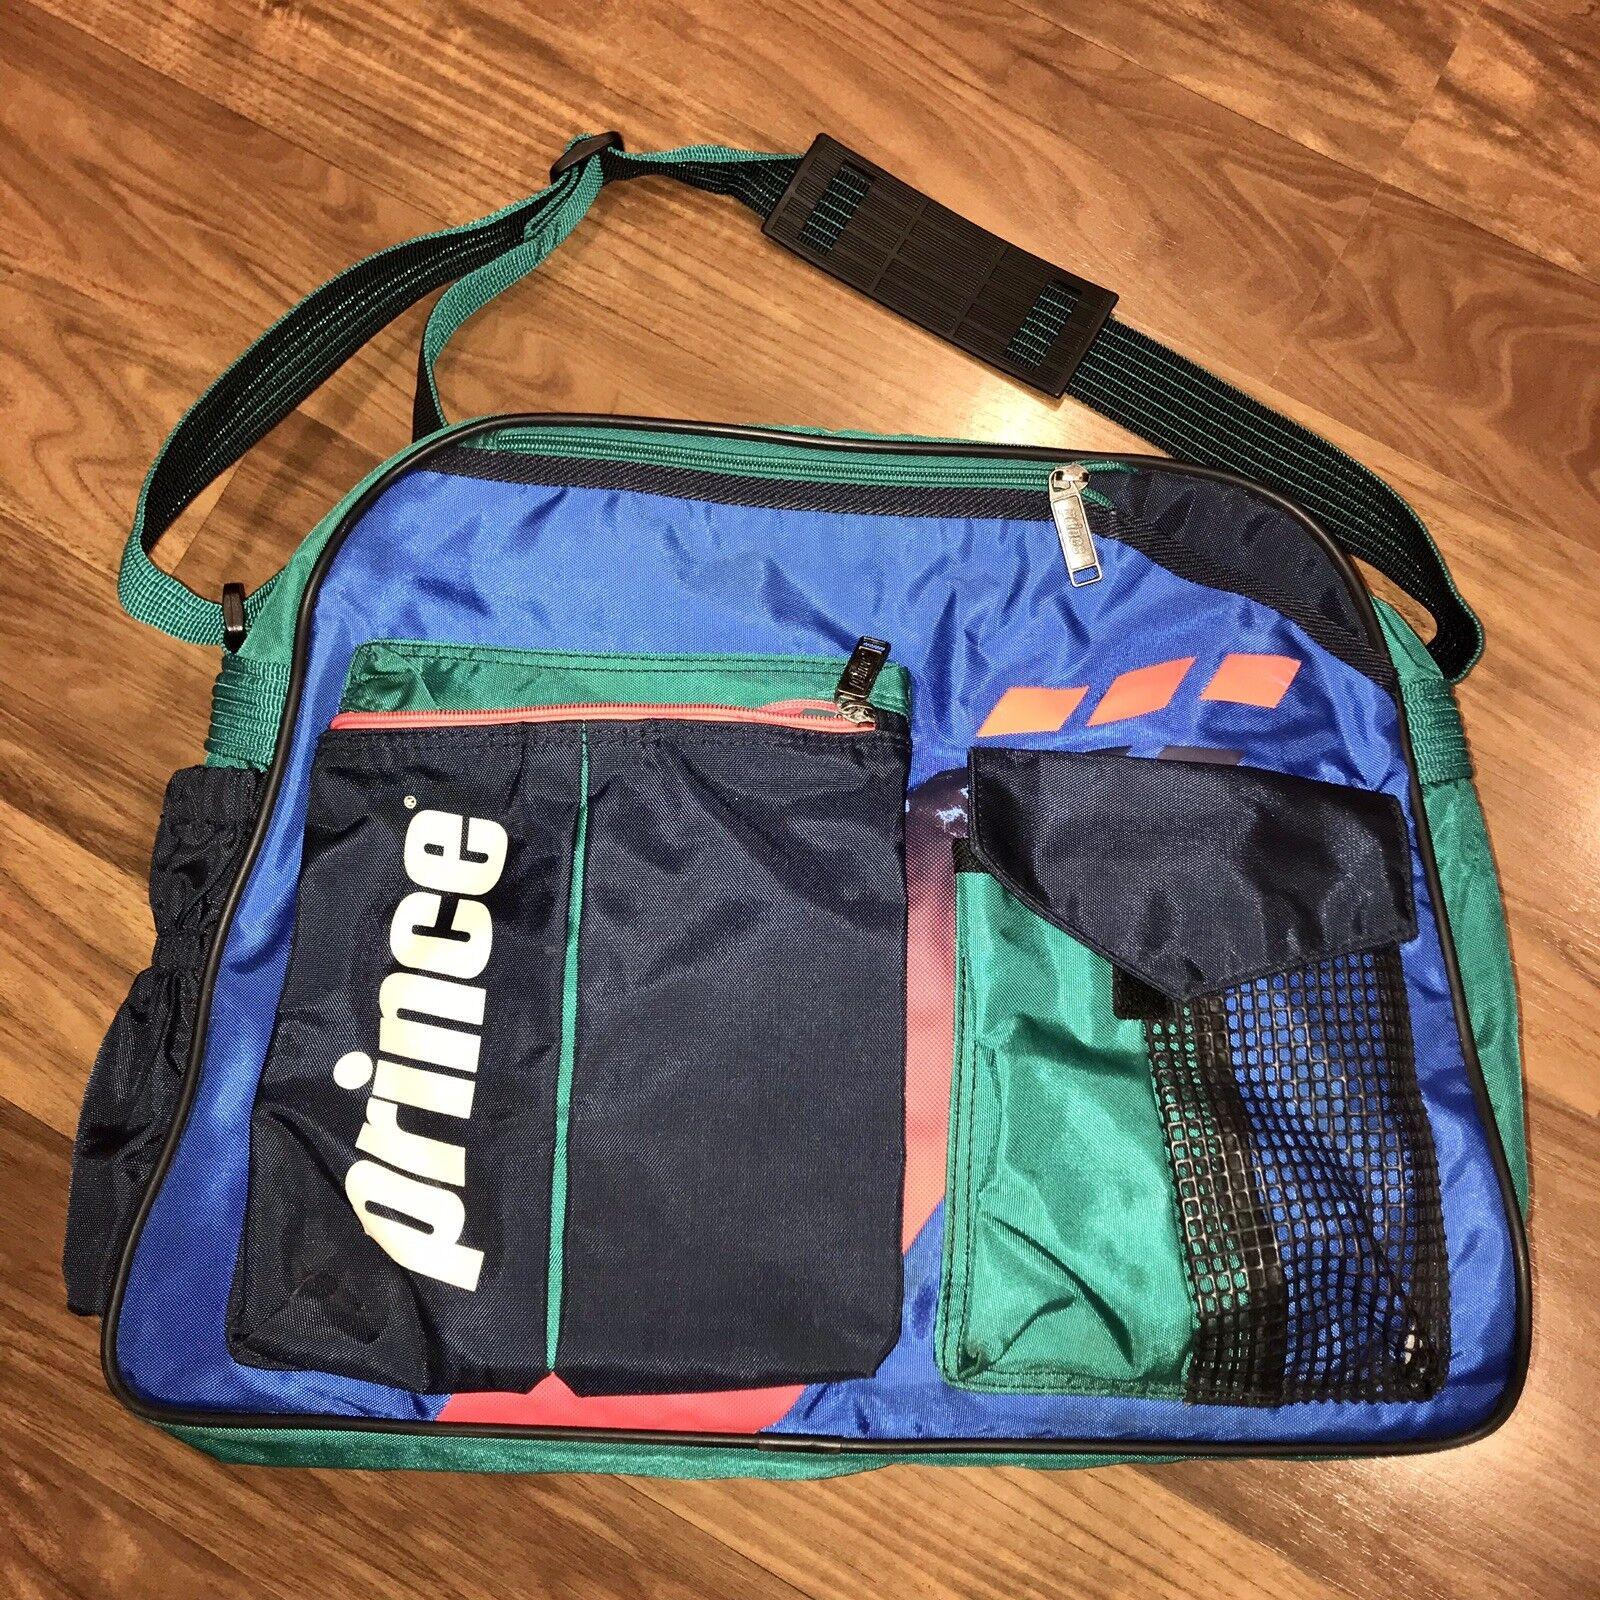 Vtg 80s 90s PRINCE Tennis GYM BAG Duffle Shoulder Bag Messenger Agassi Sampras